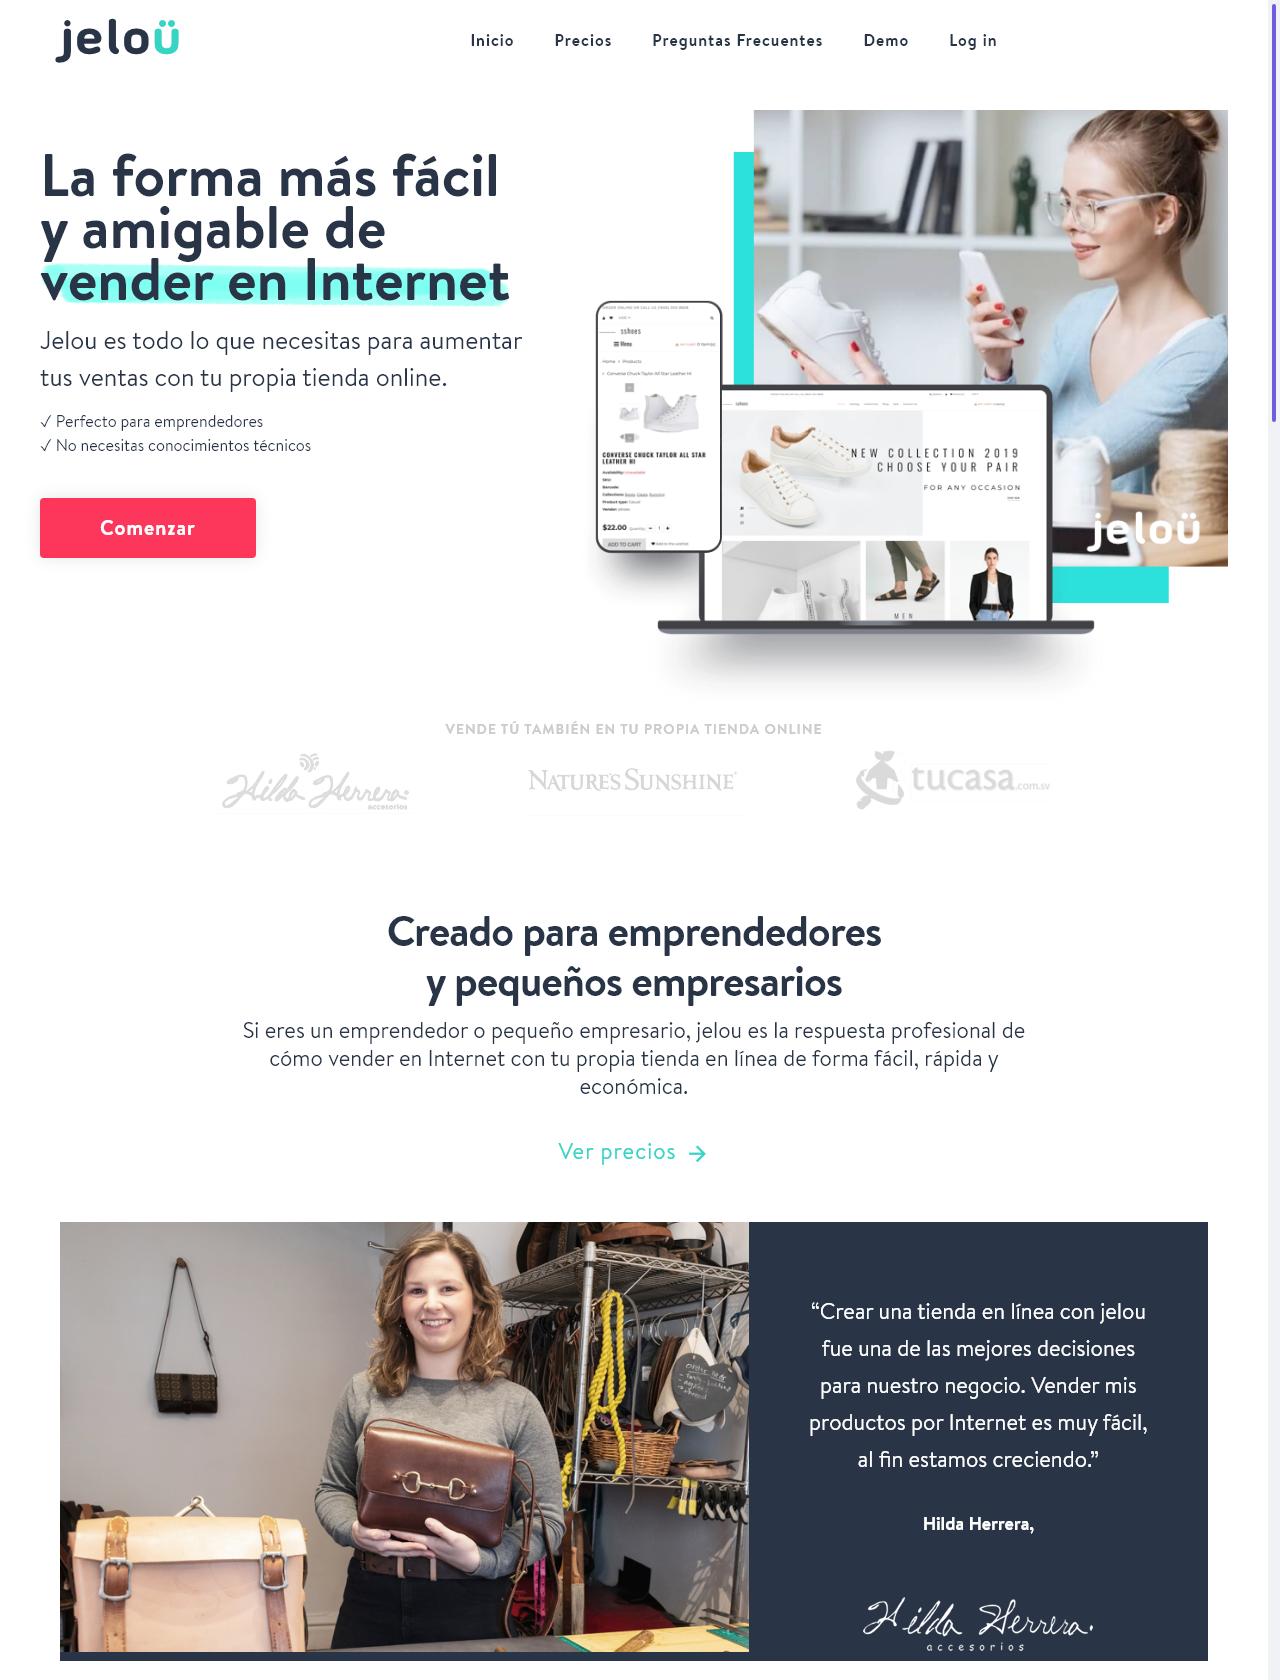 Screenshot Desktop - https://www.jelou.co/